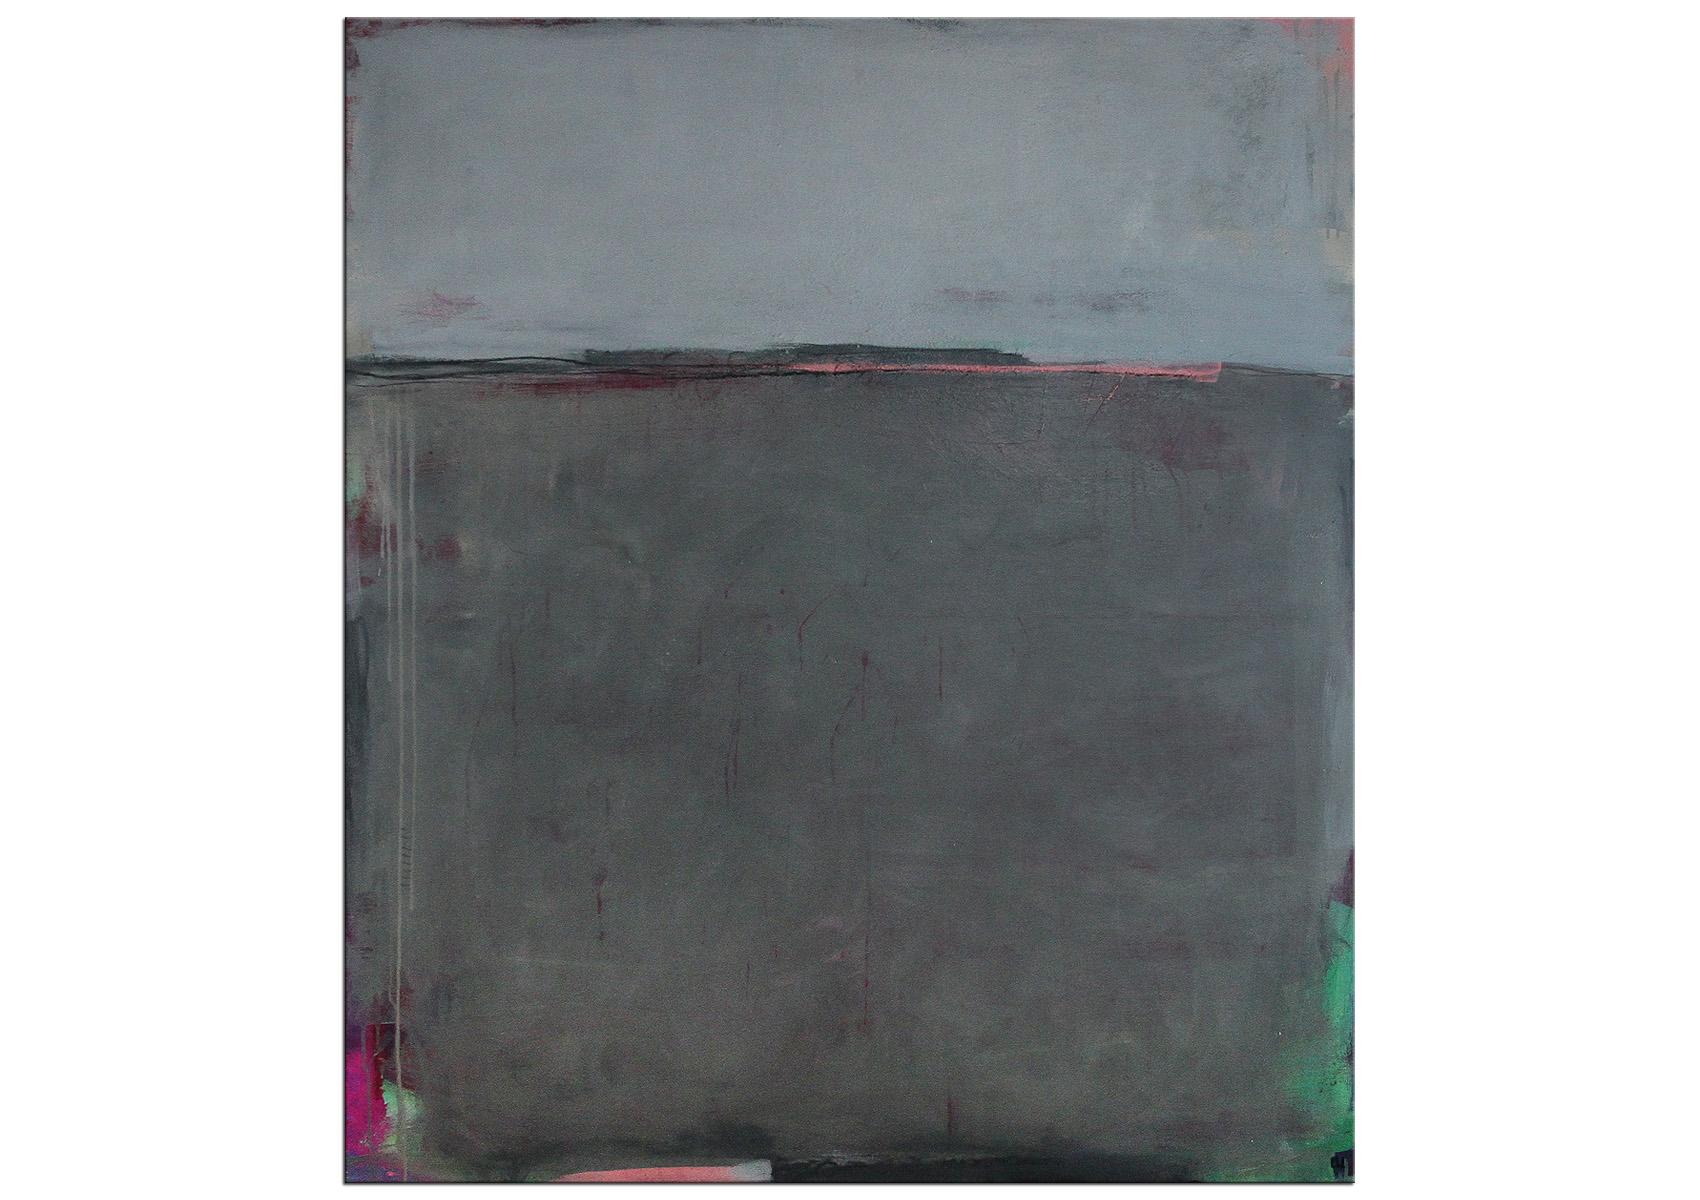 Großformatige Gemälde und Bilder | Galerie Inspire Art